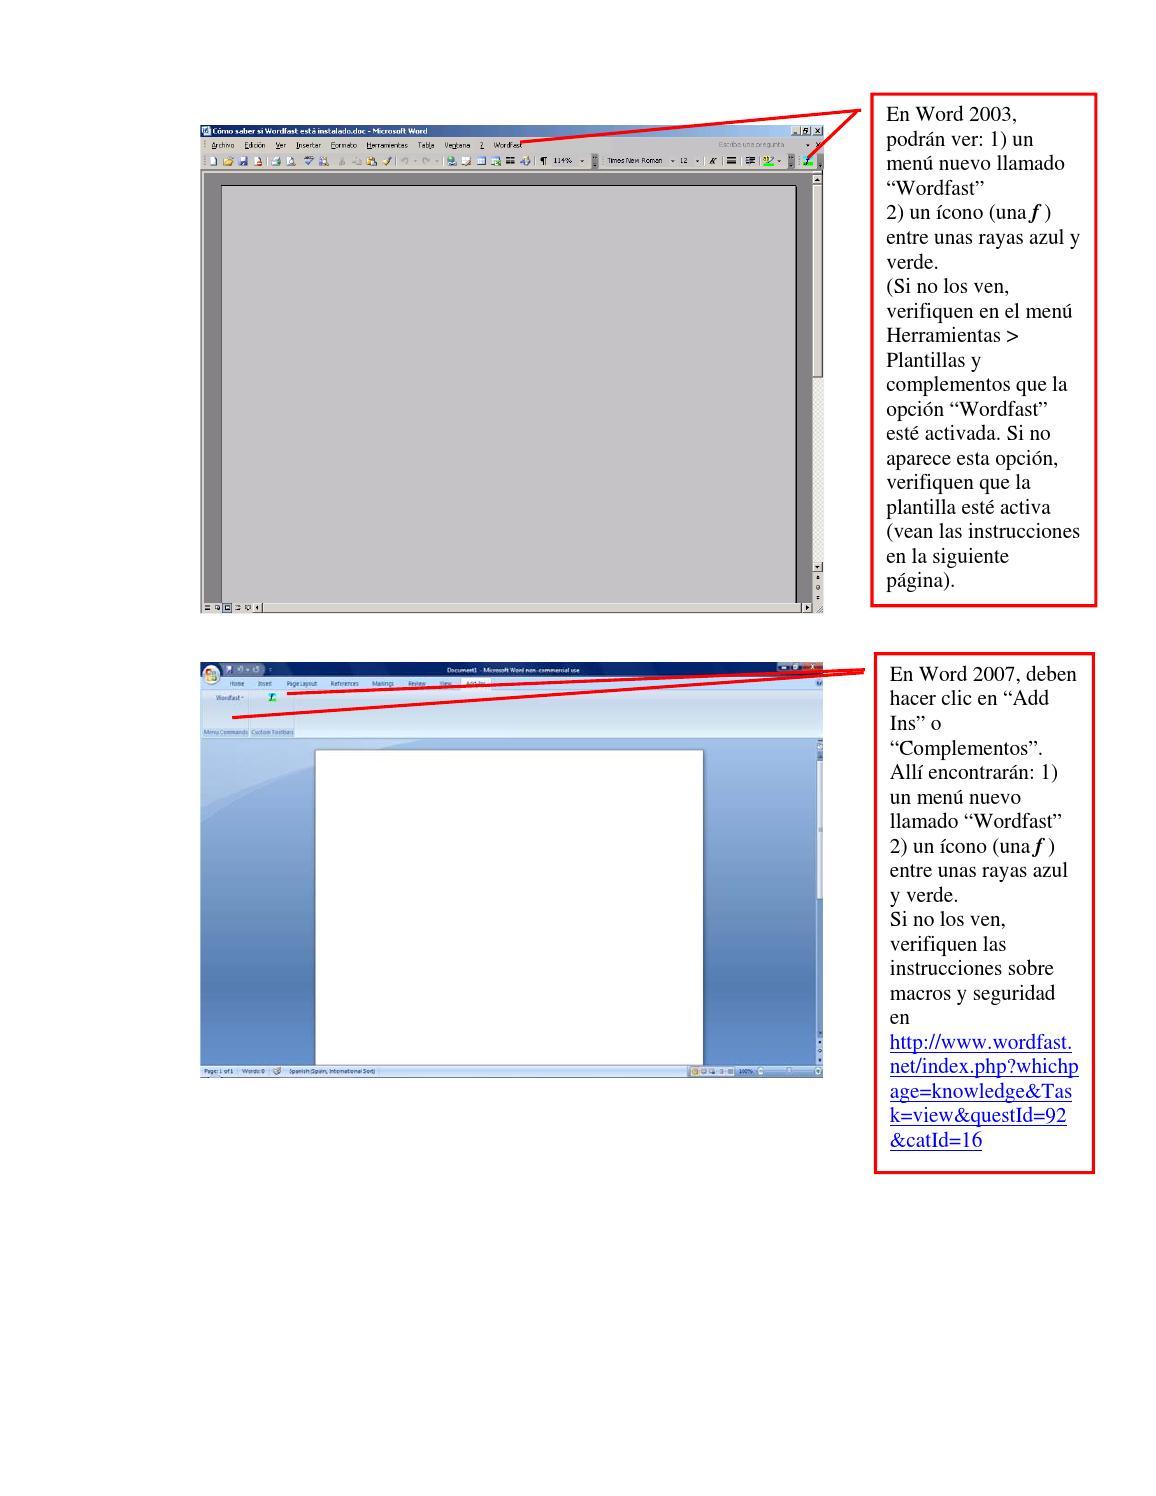 Cómo saber si wordfast está instalado by Belen Fagundez - issuu